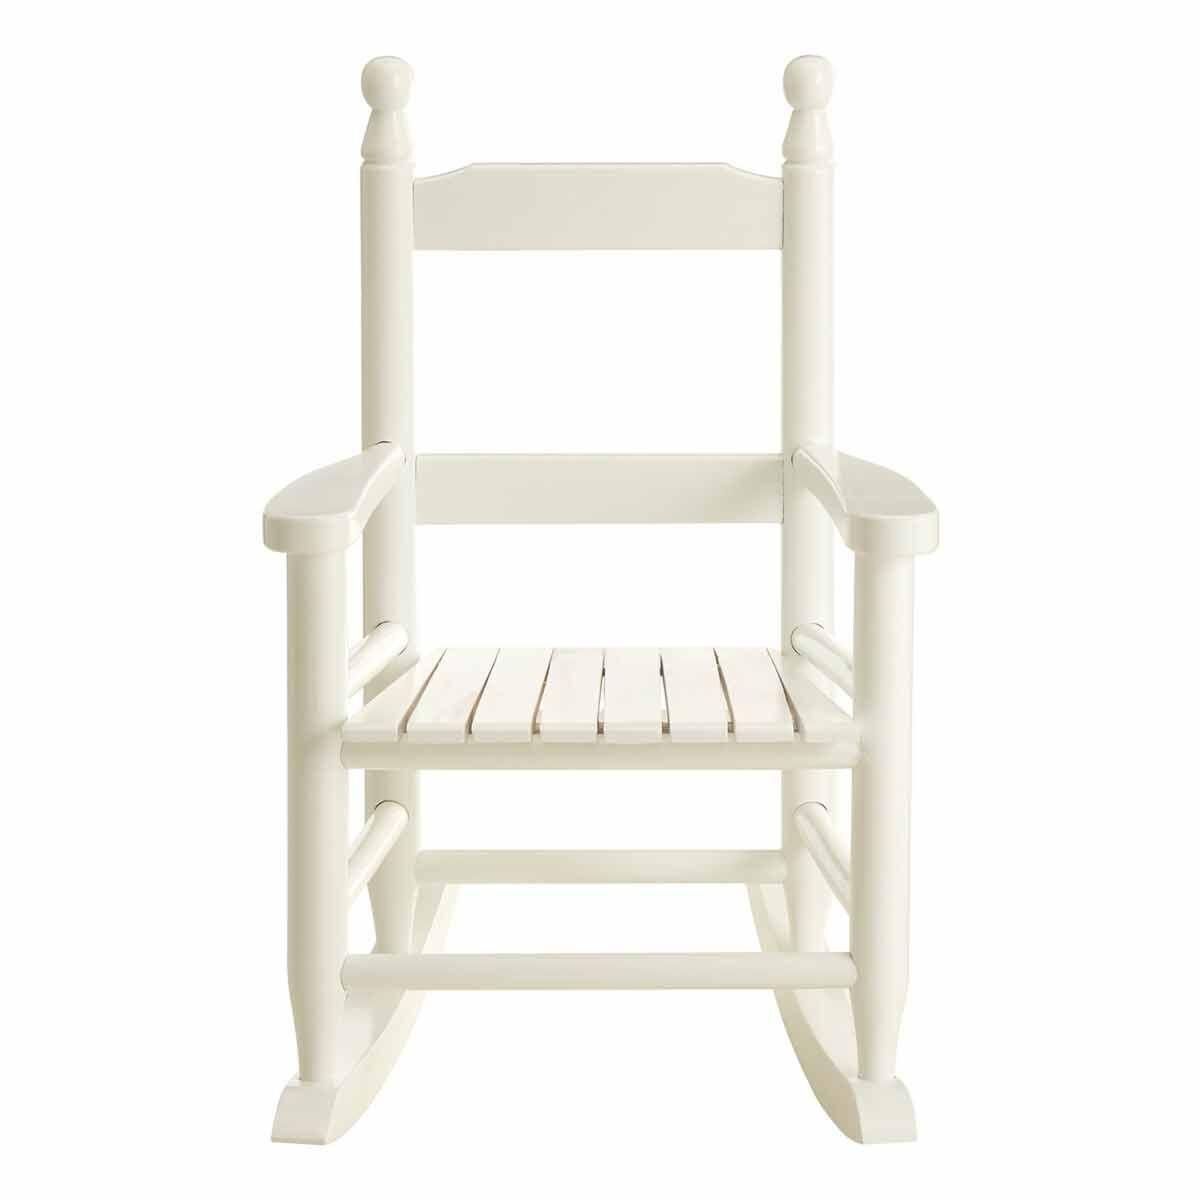 Premier Kids Hardwood Rocking Chair